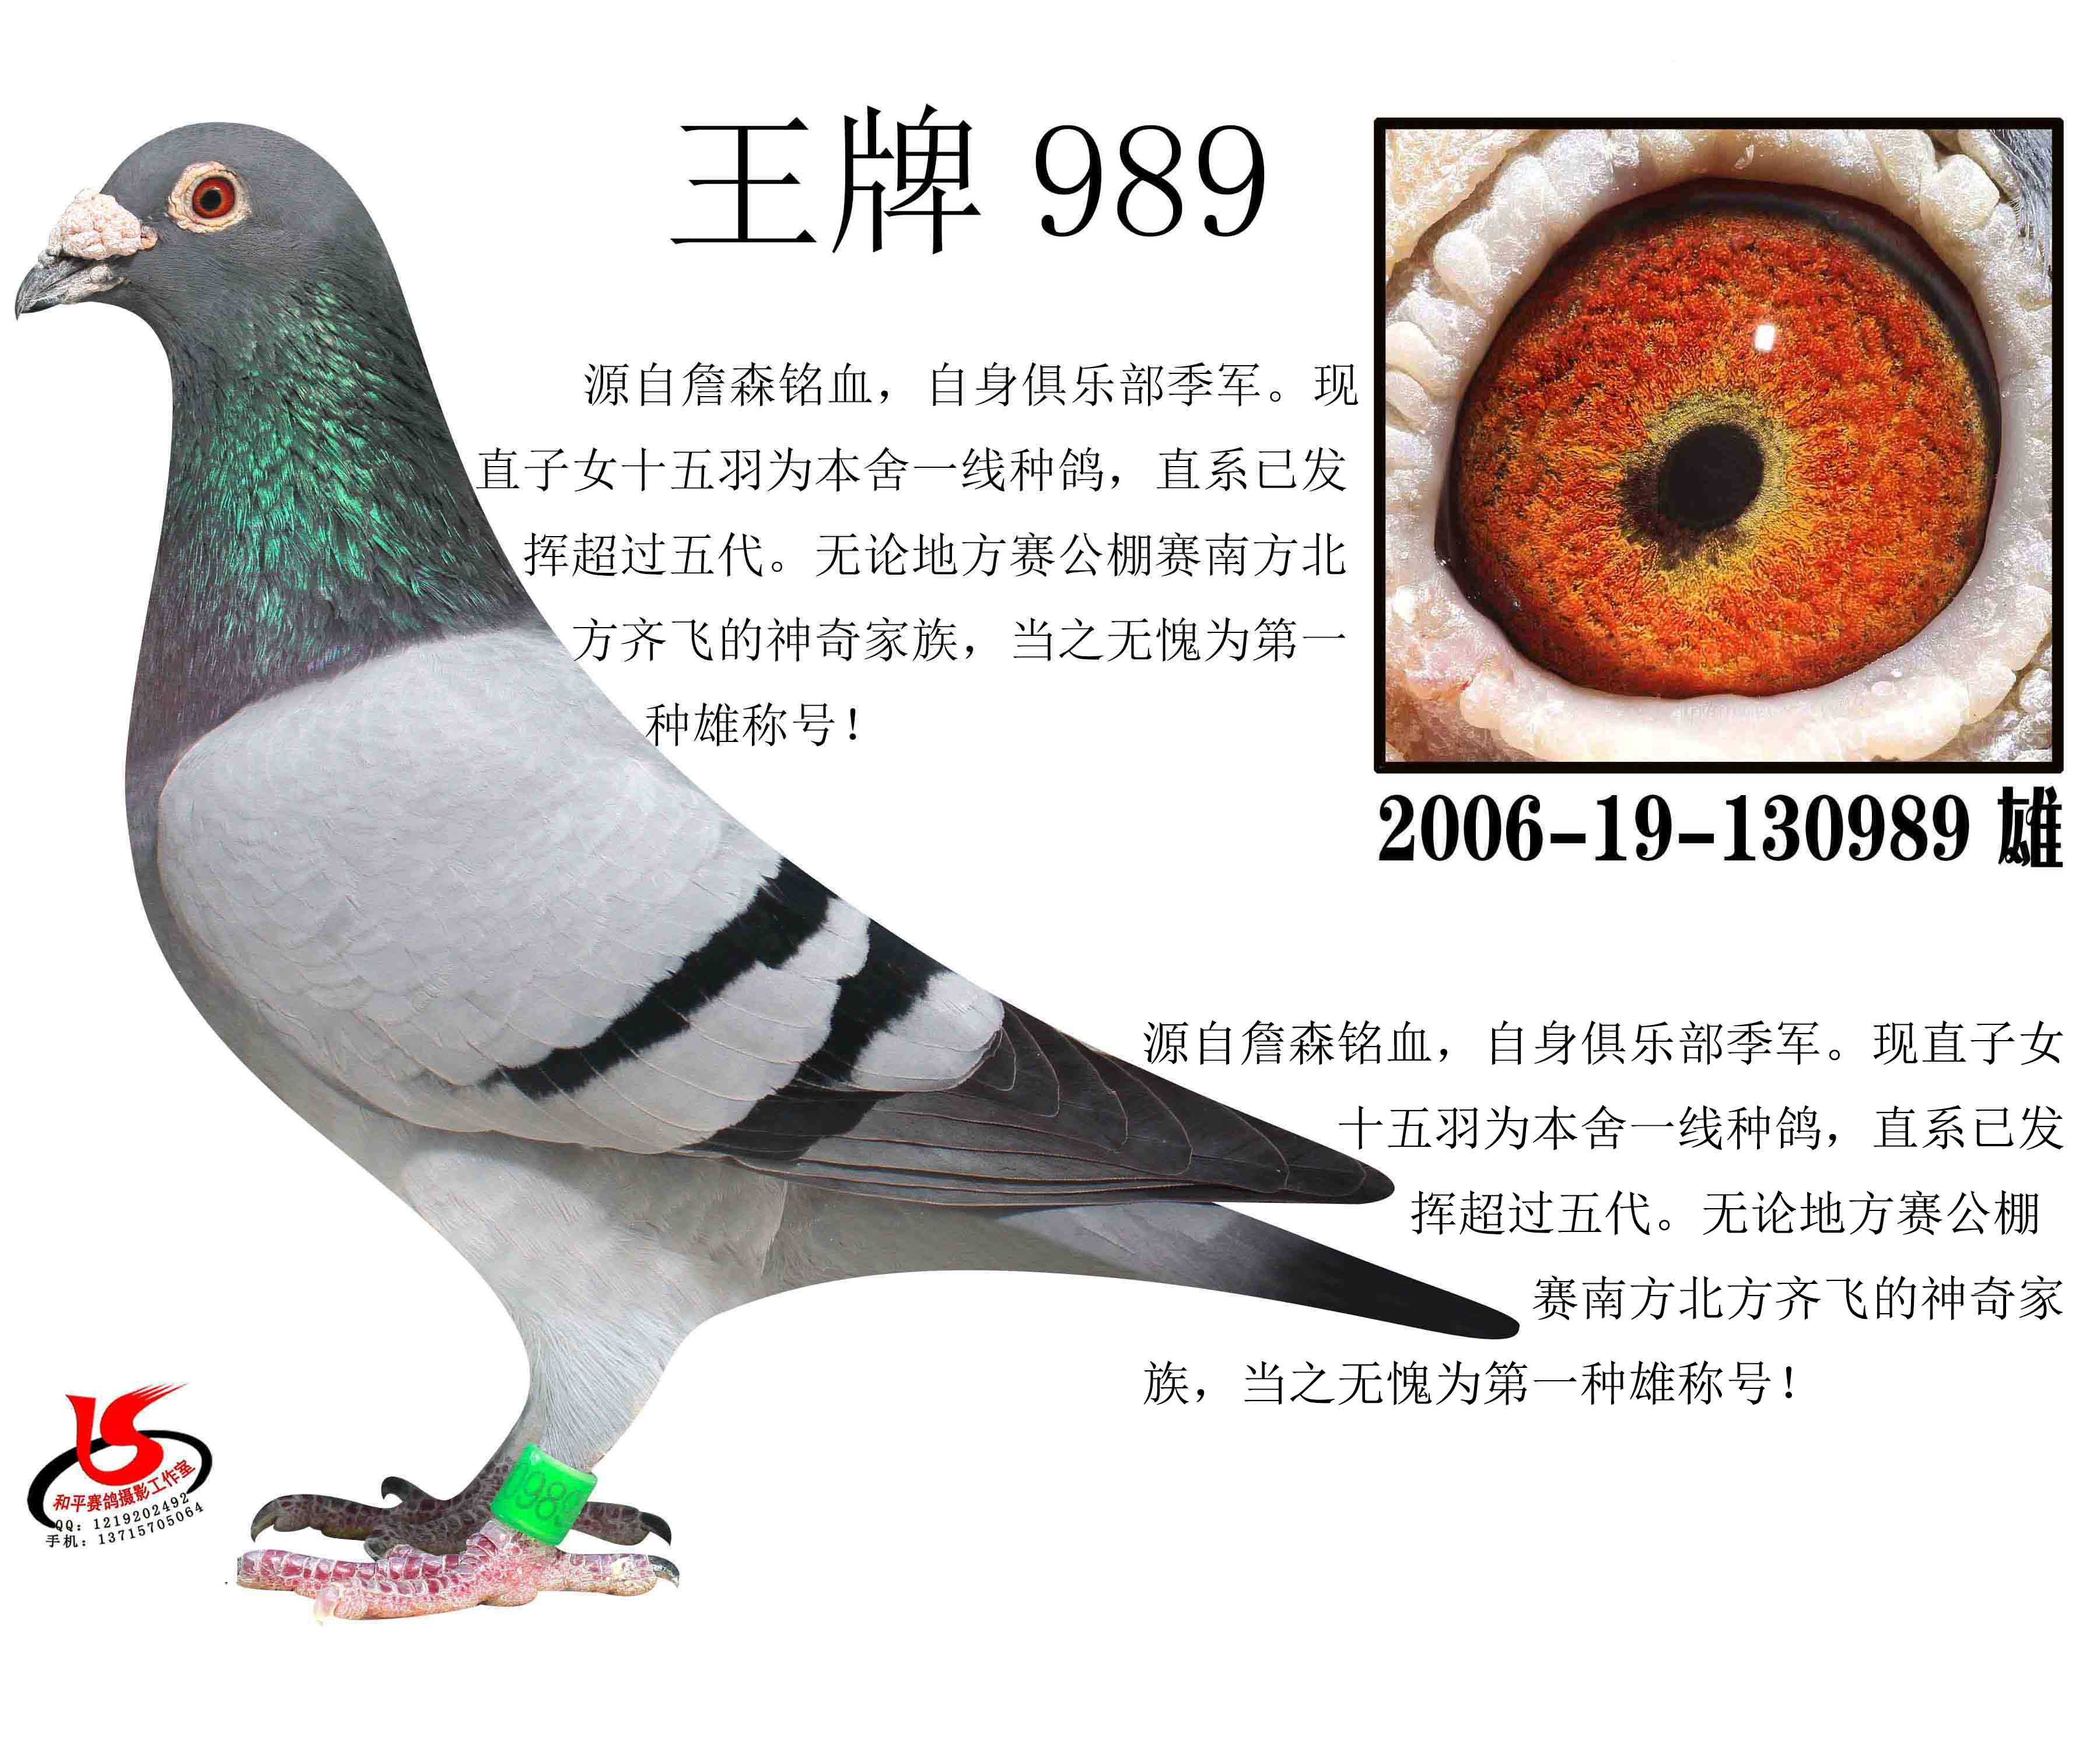 王牌989_深圳郑家军鸽舍_ag188.com爱鸽商城_中国信鸽